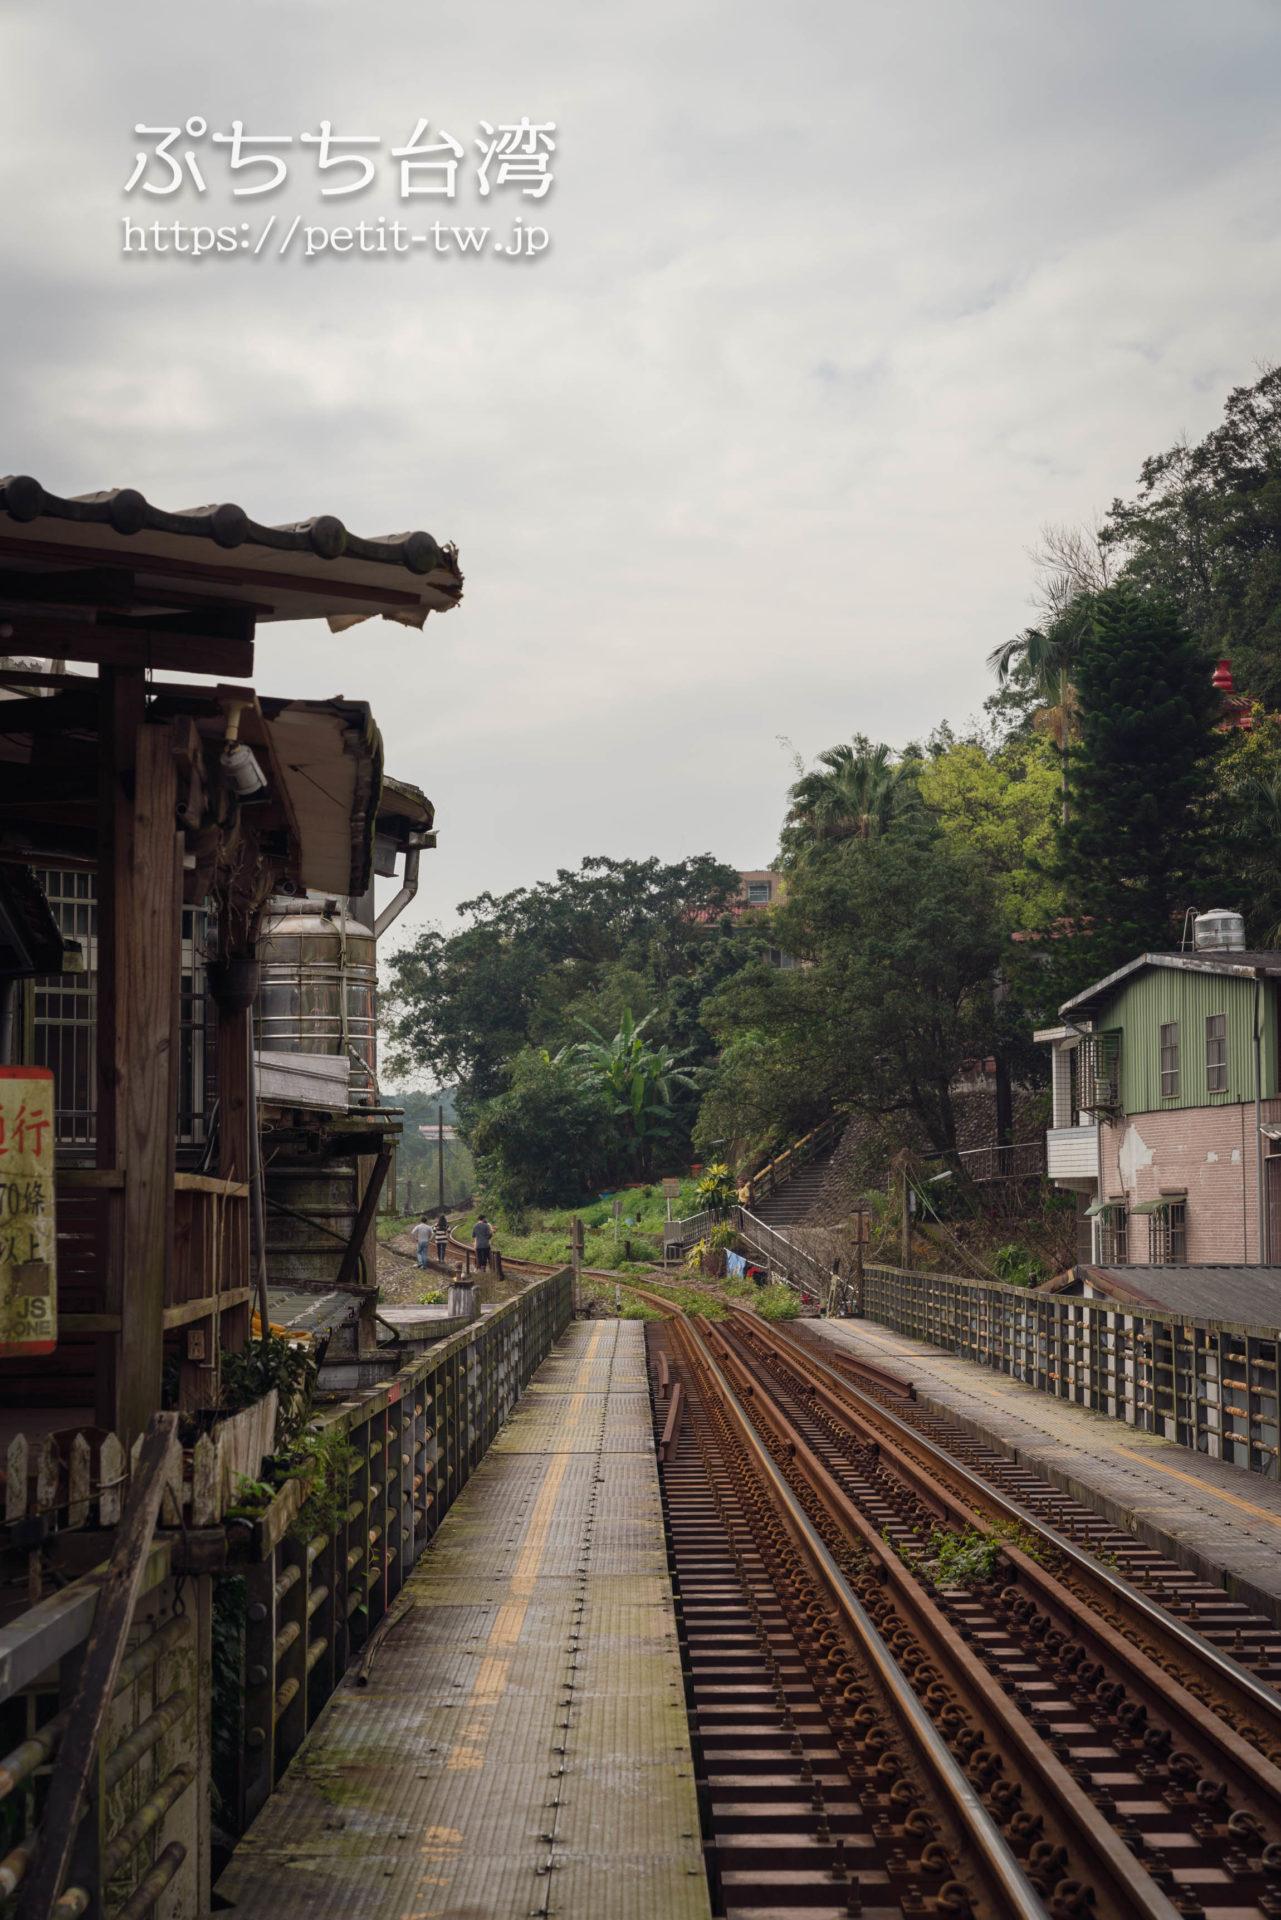 平渓線の平渓駅